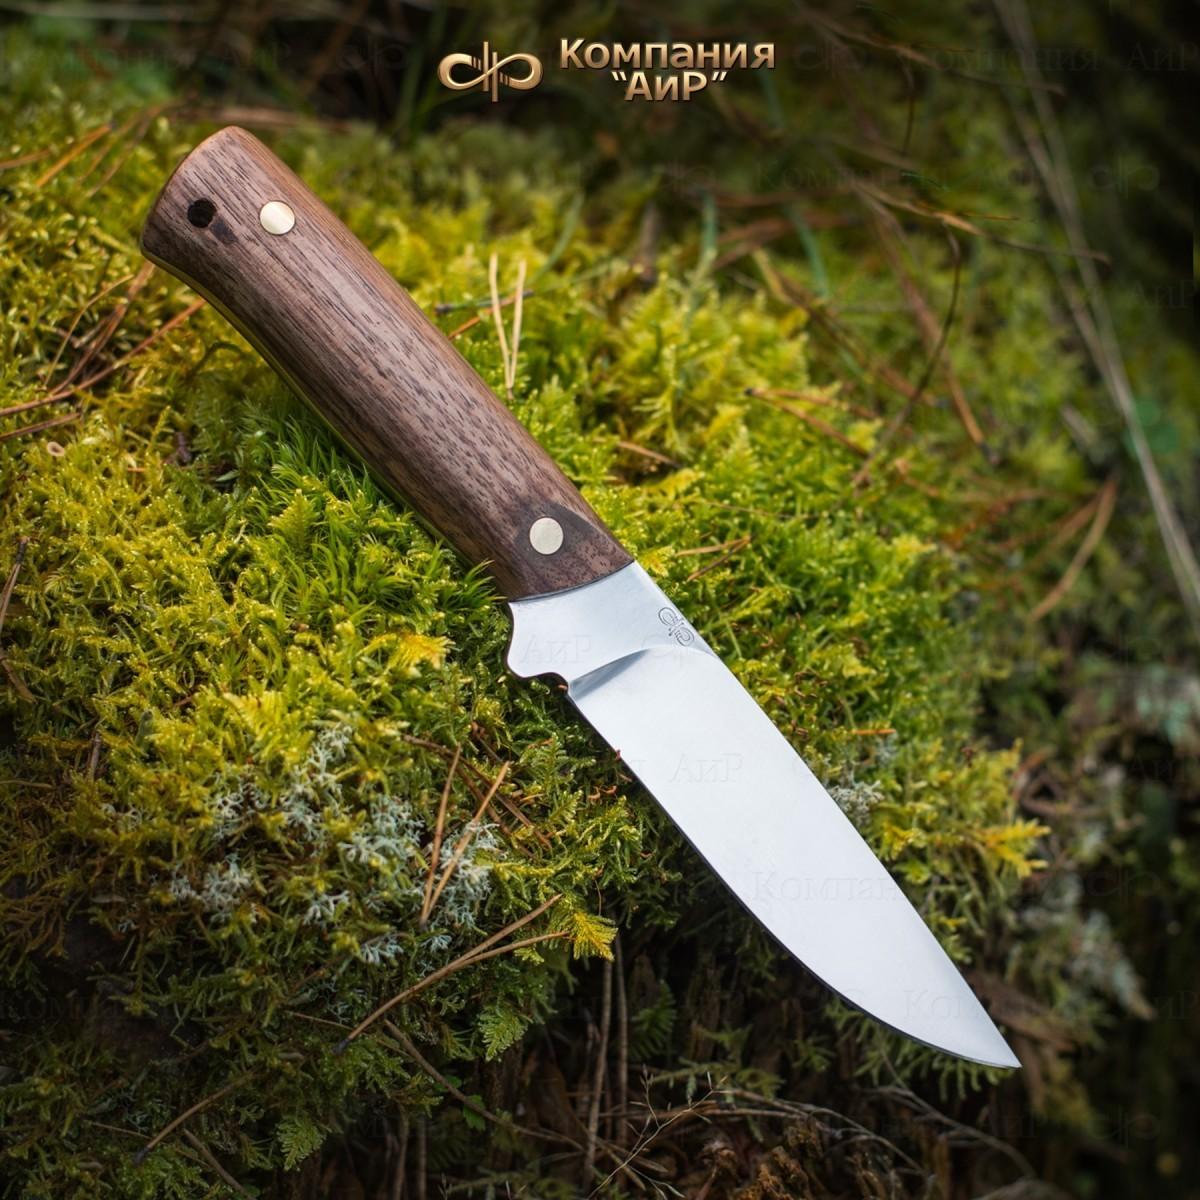 Нож разделочный АиР Стриж ЦМ, сталь М390, рукоять дерево нож разделочный стриж цм дерево 100х13м аир